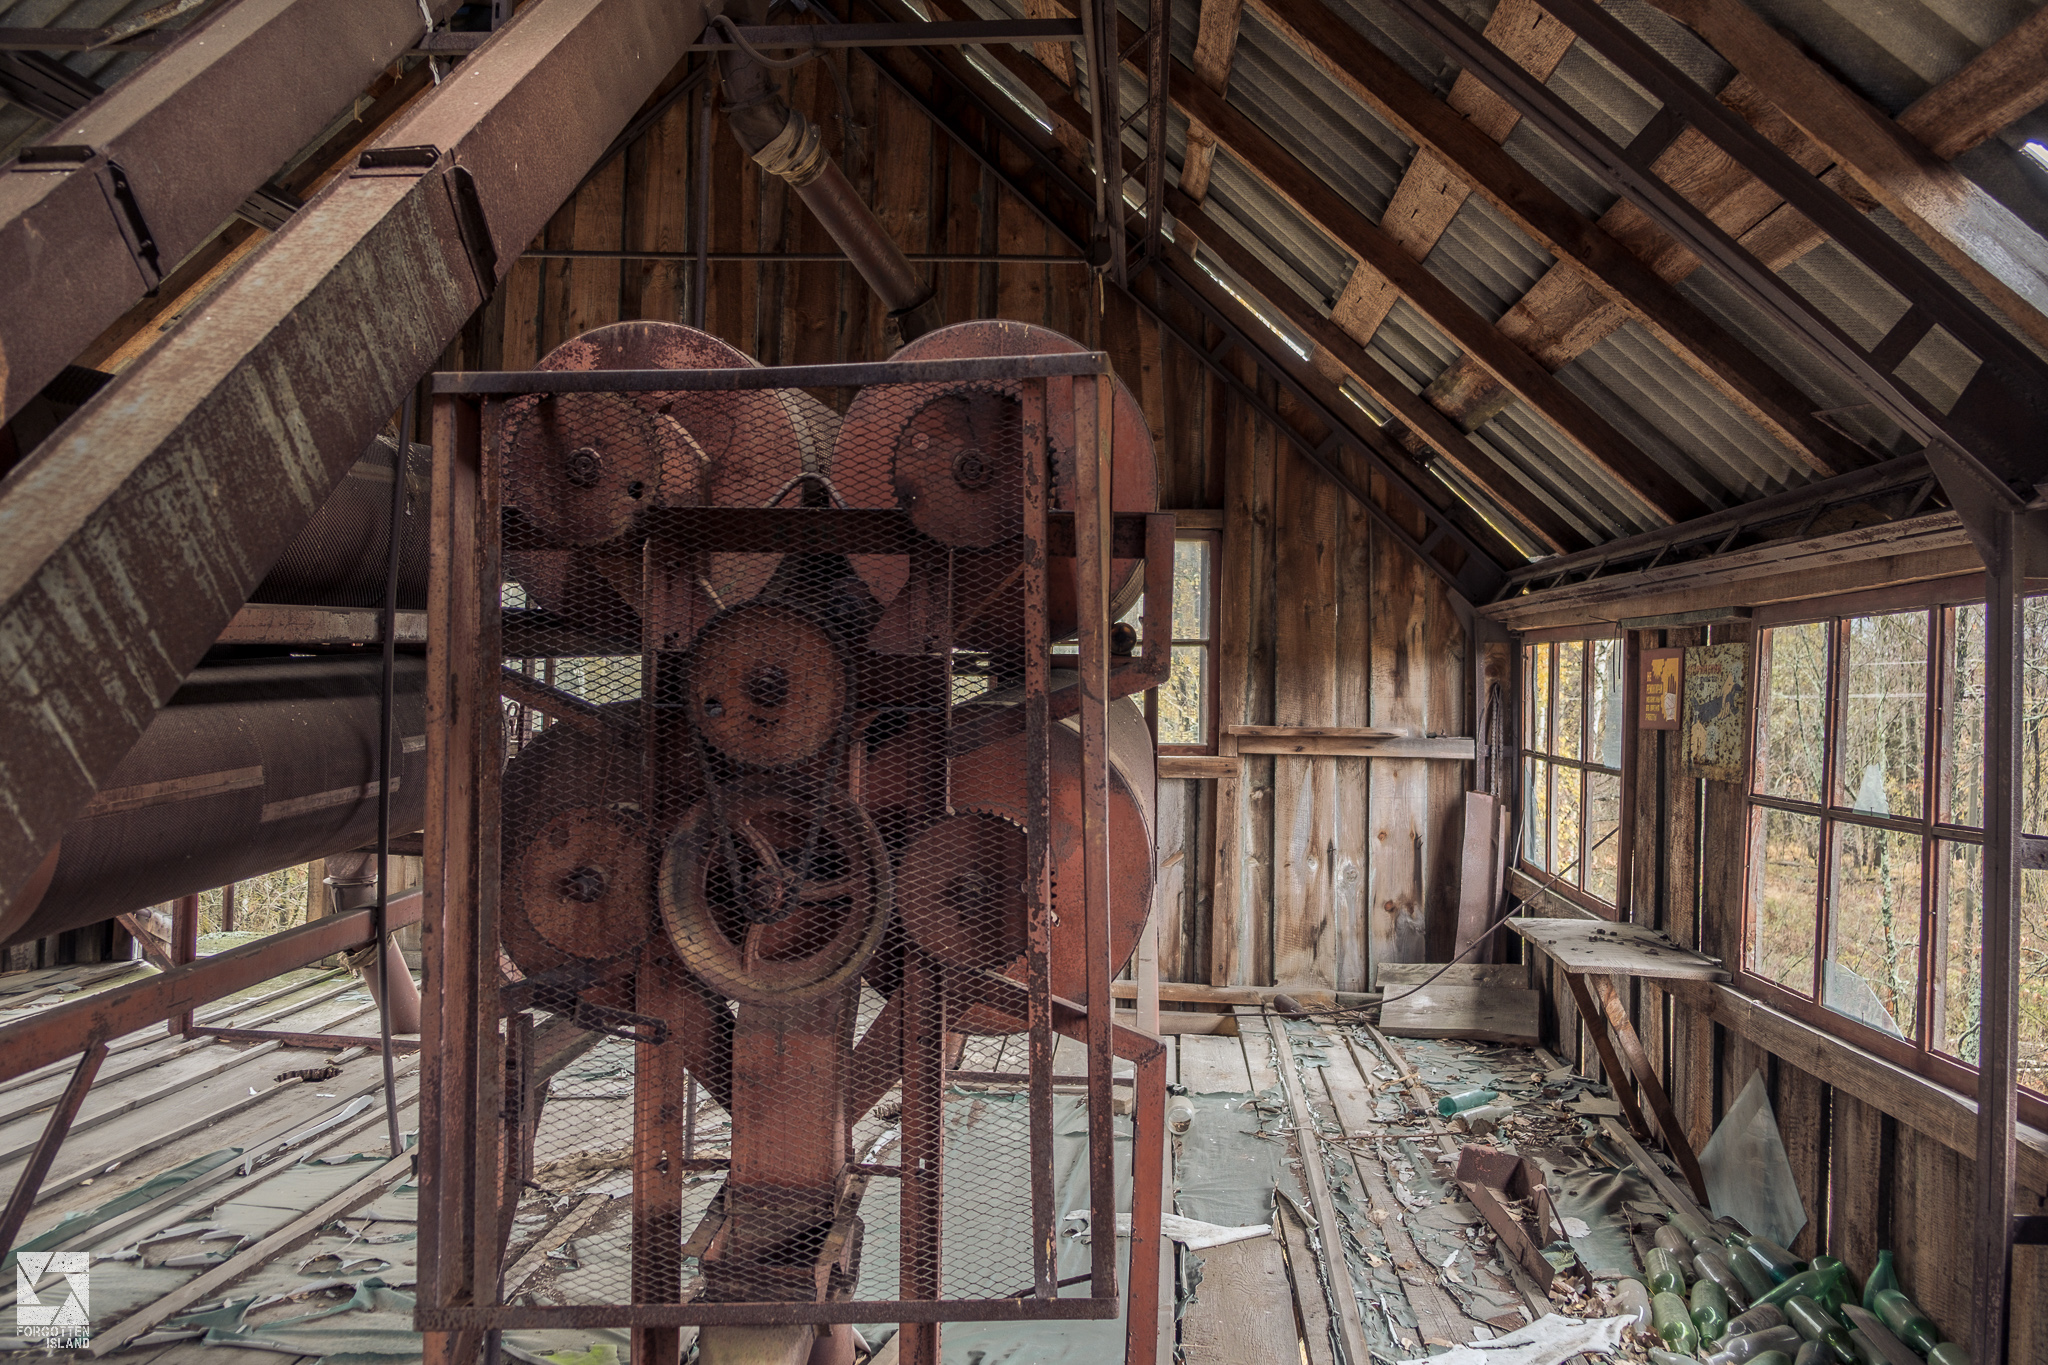 Chernobyl-Zymovyshche-Grain-Elevator-14.